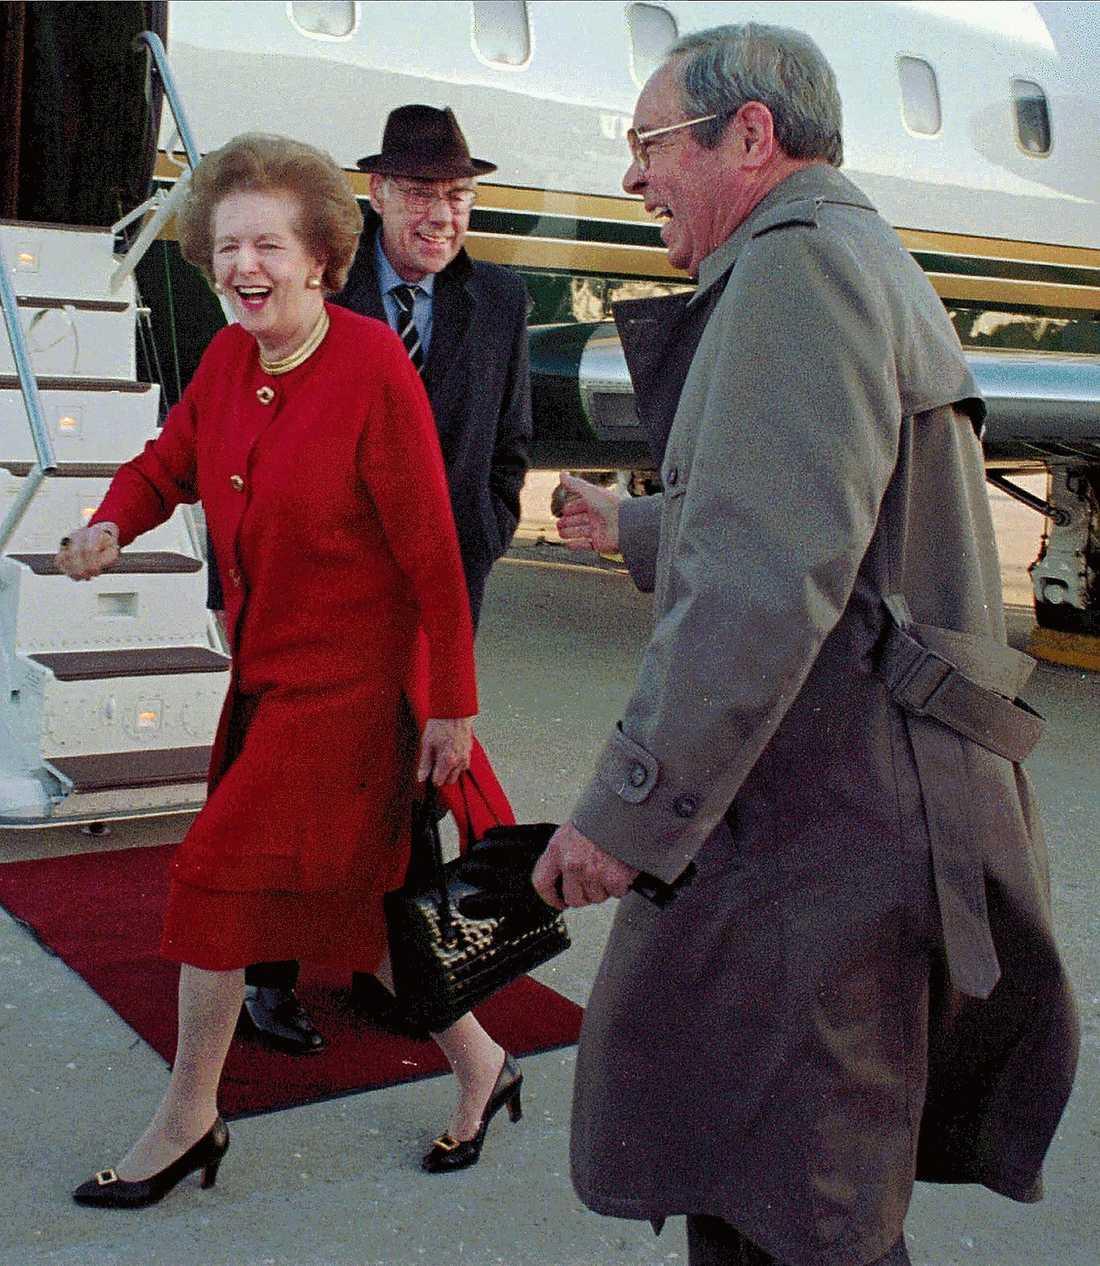 KAN BLI DIN  Järnladyns, Margaret Thatchers, berömda handväska ska säljas på auktion till förmån för välgörande ändamål. Priset väntas bli en miljon kronor.